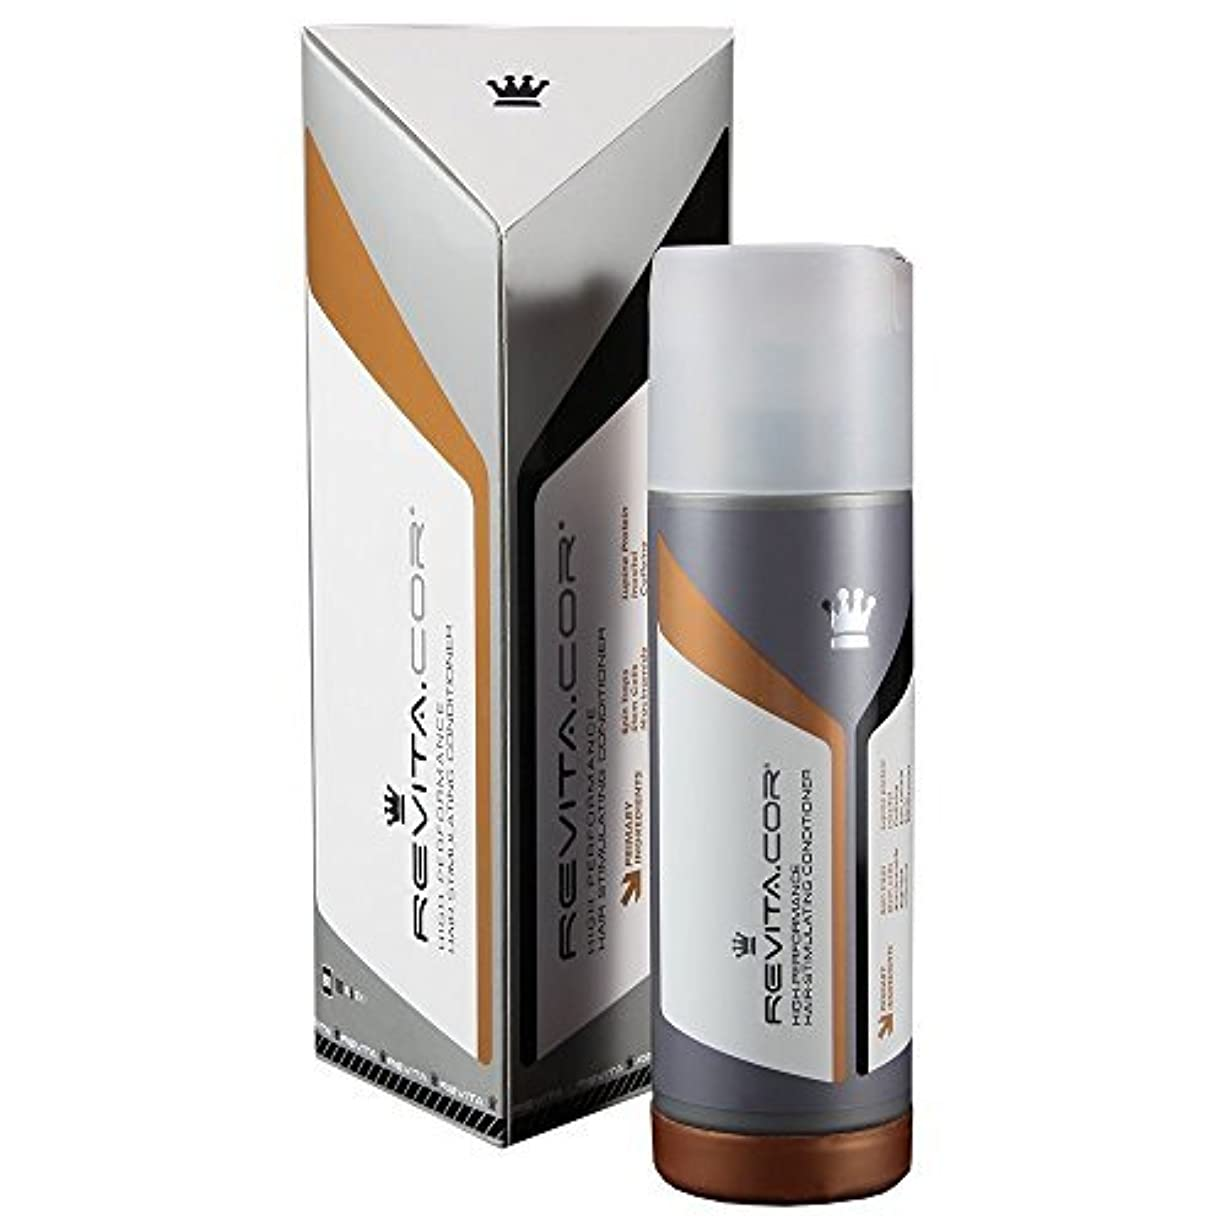 圧縮するマダム宝DS Laboratories Revita COR High Performance Hair Growth Stimulating Conditioner 190ml/6.4oz [並行輸入品]